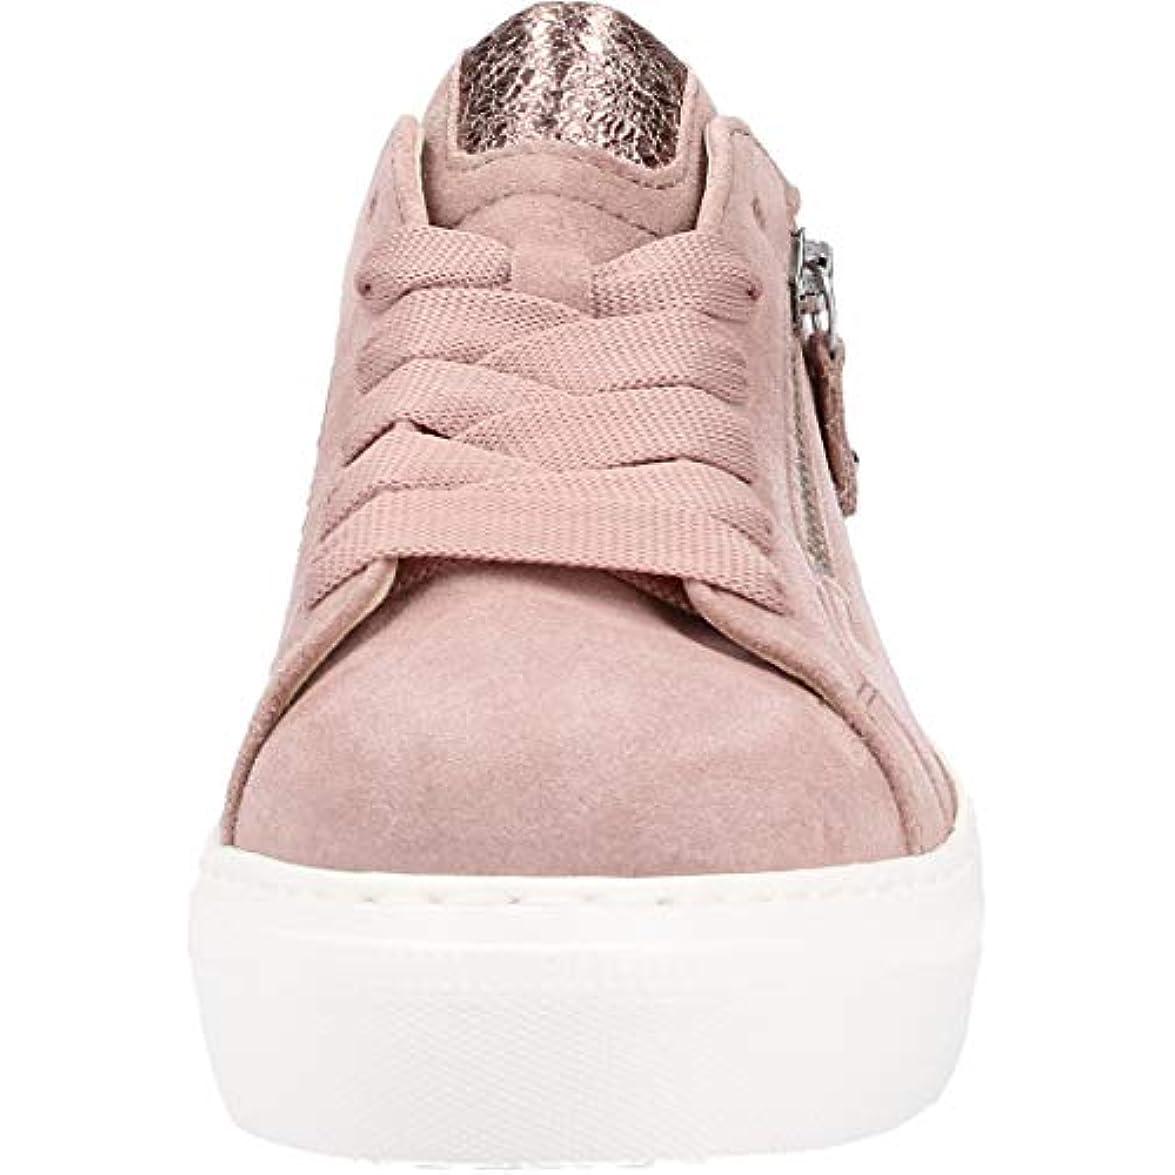 Ginnastica Basse Multicolore Donna Eu 38 rose Scarpe 14 rouge Gabor Shoes engl Da Jollys